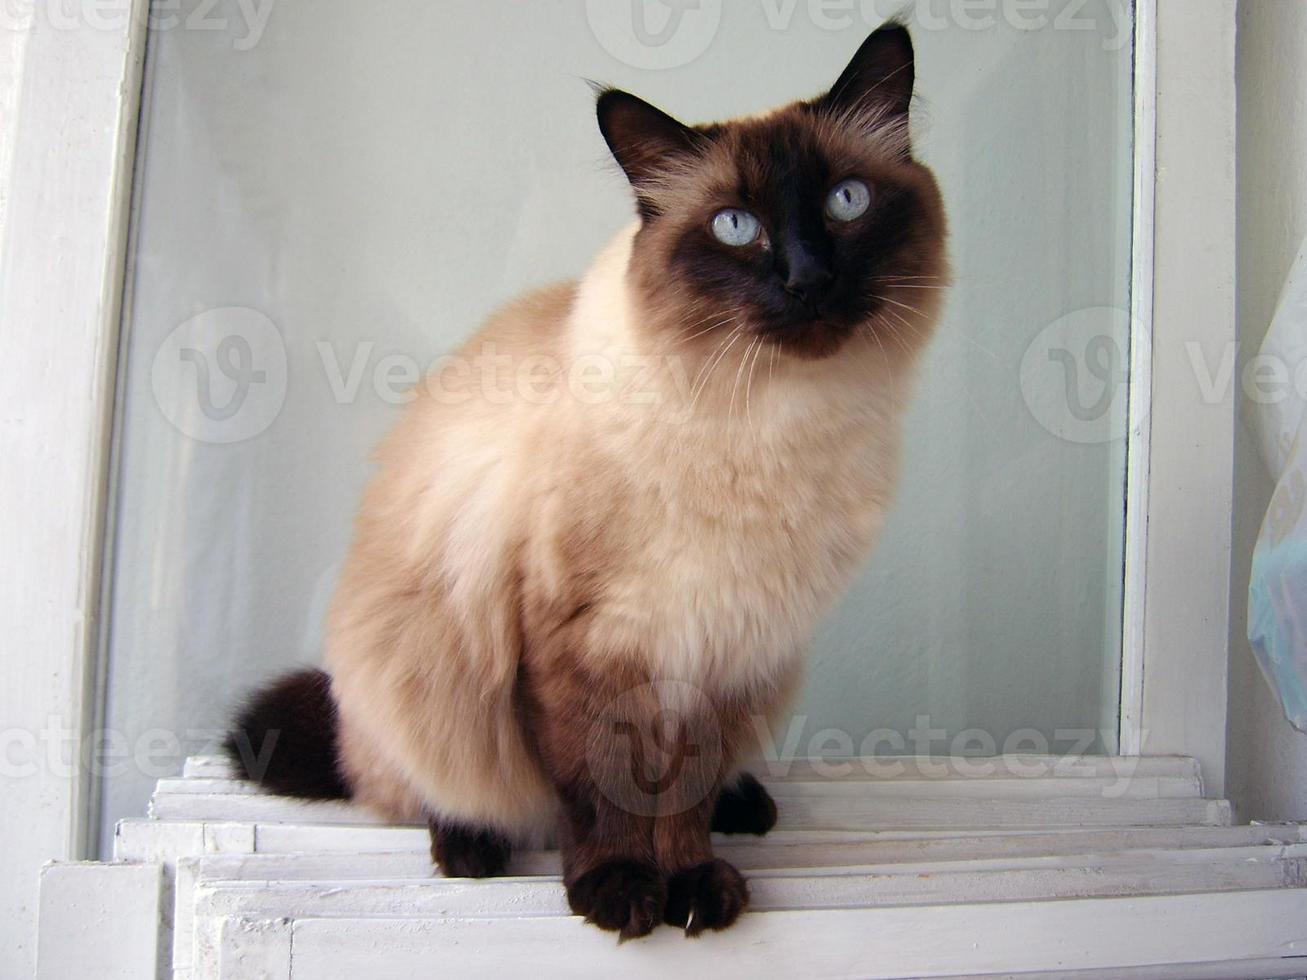 bel gatto siamese foto